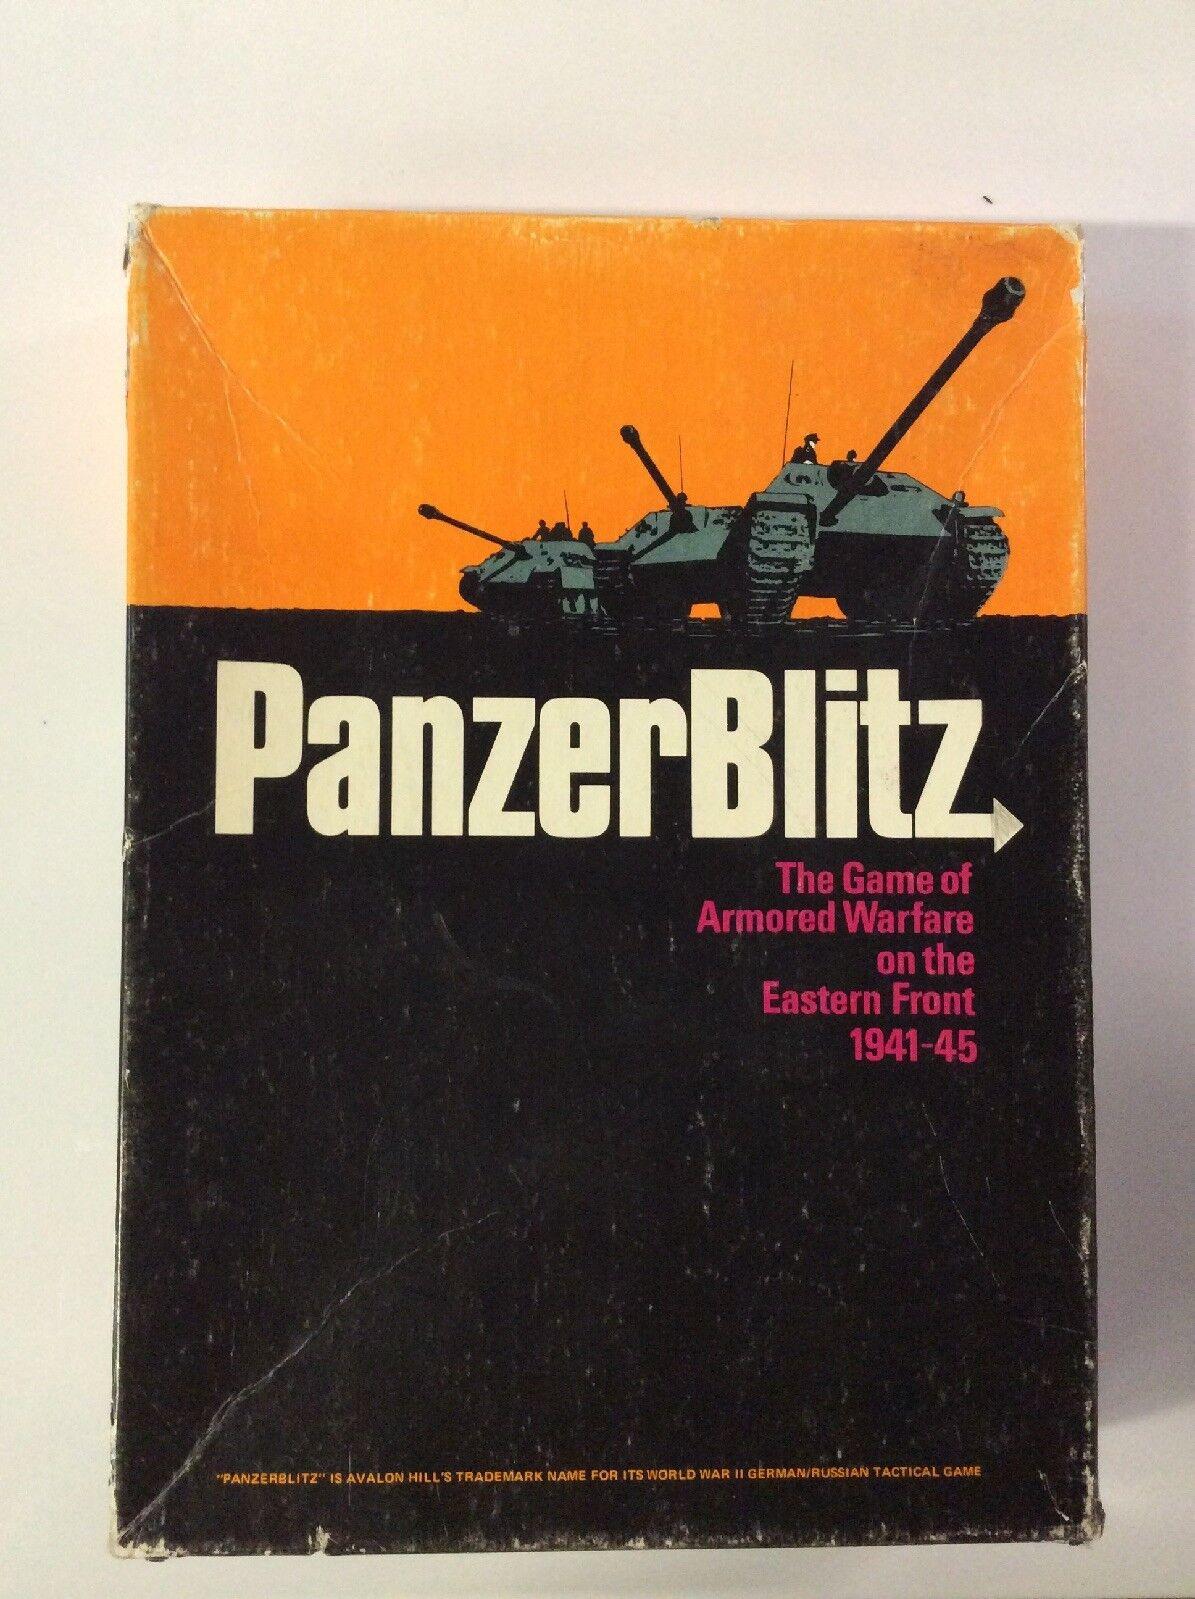 Panzerblitz Vintage Librero Juego el juego de la guerra blindado